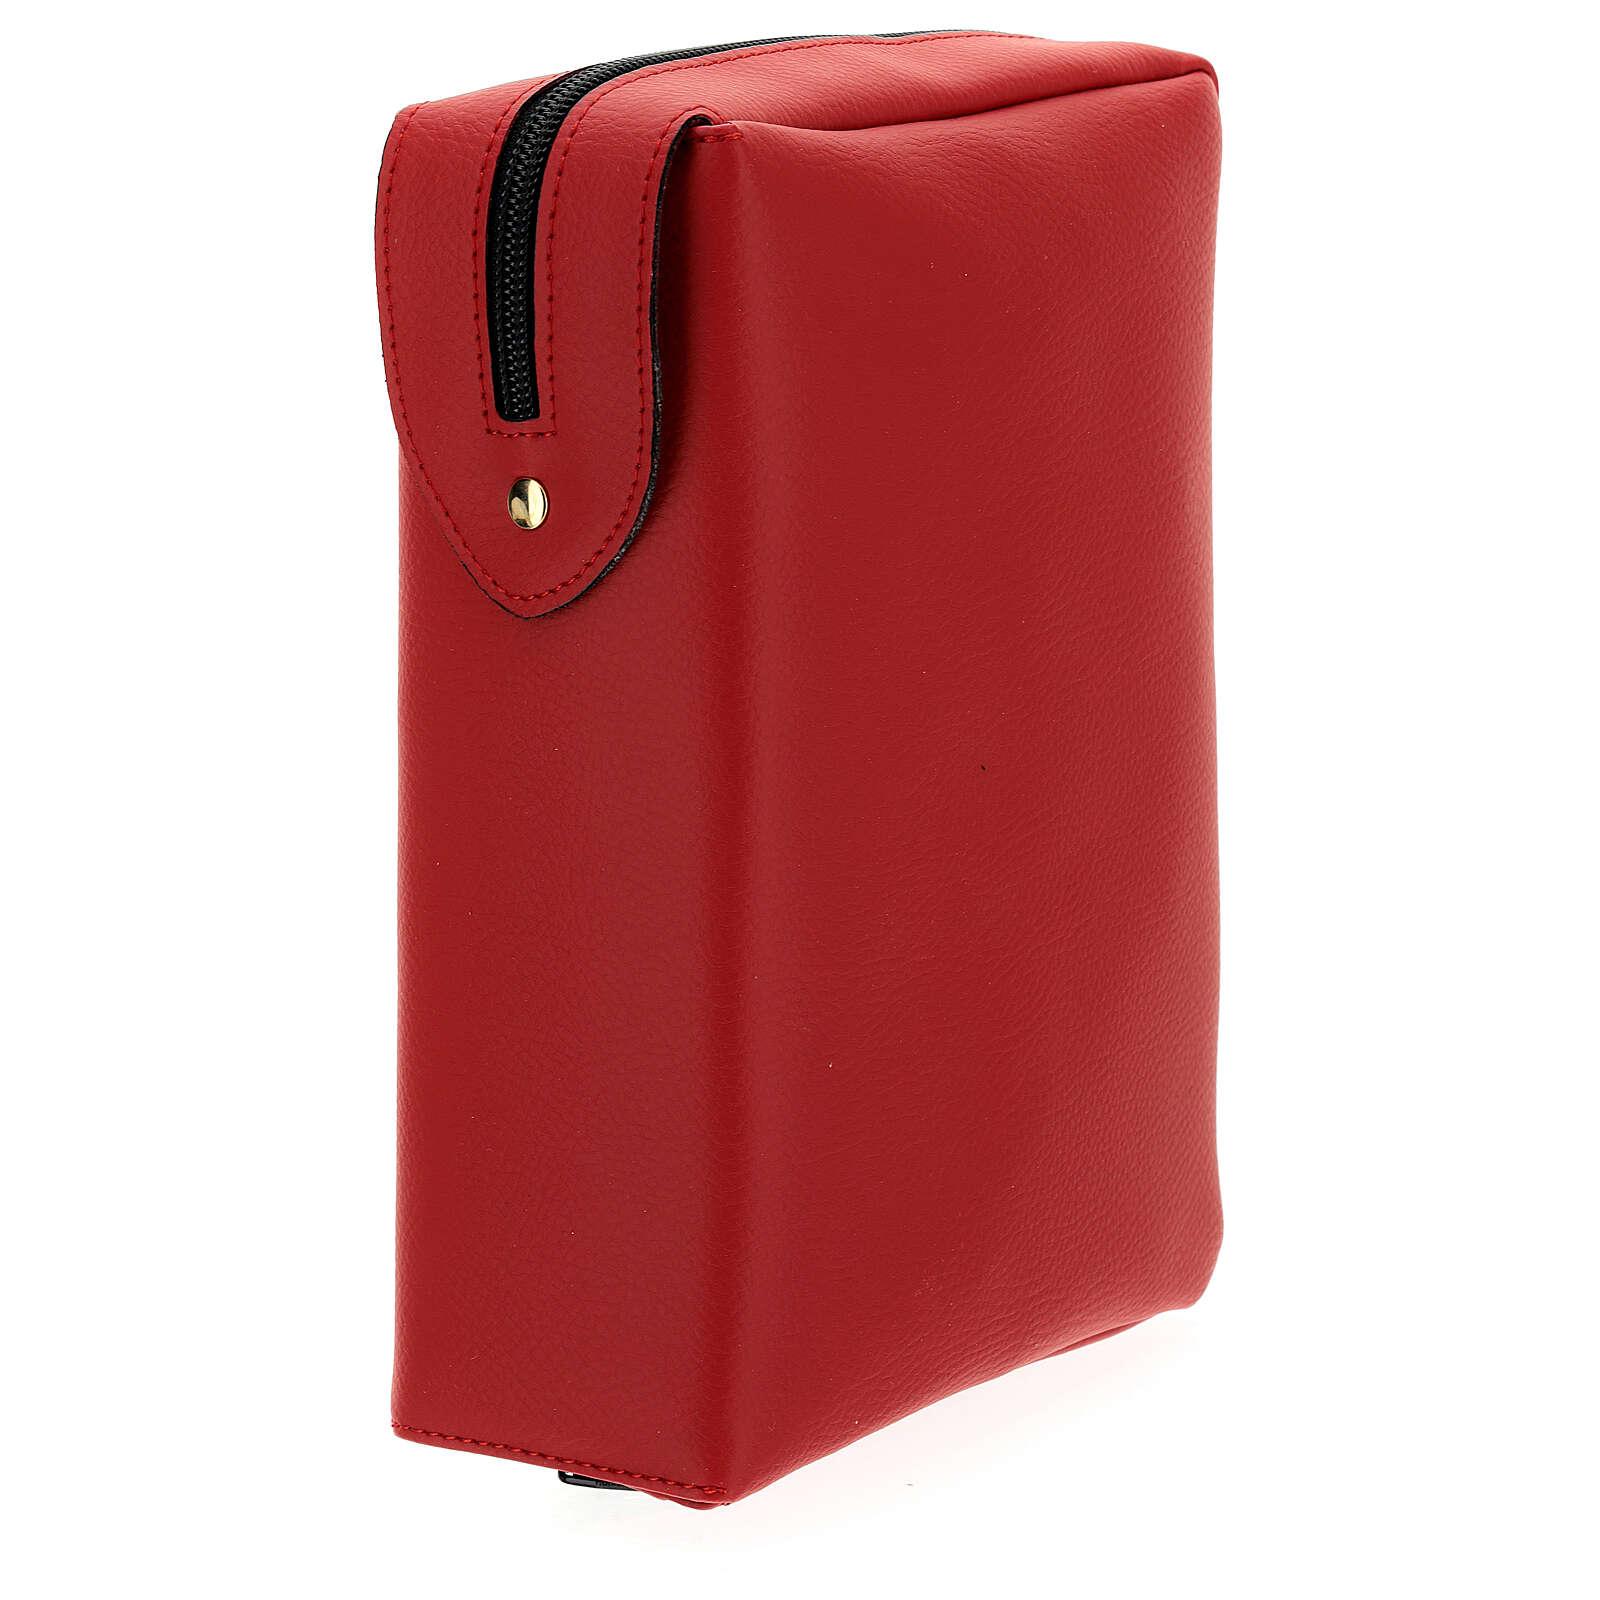 Custodia similpelle rossa Nuova Bibbia San Paolo 2020 4